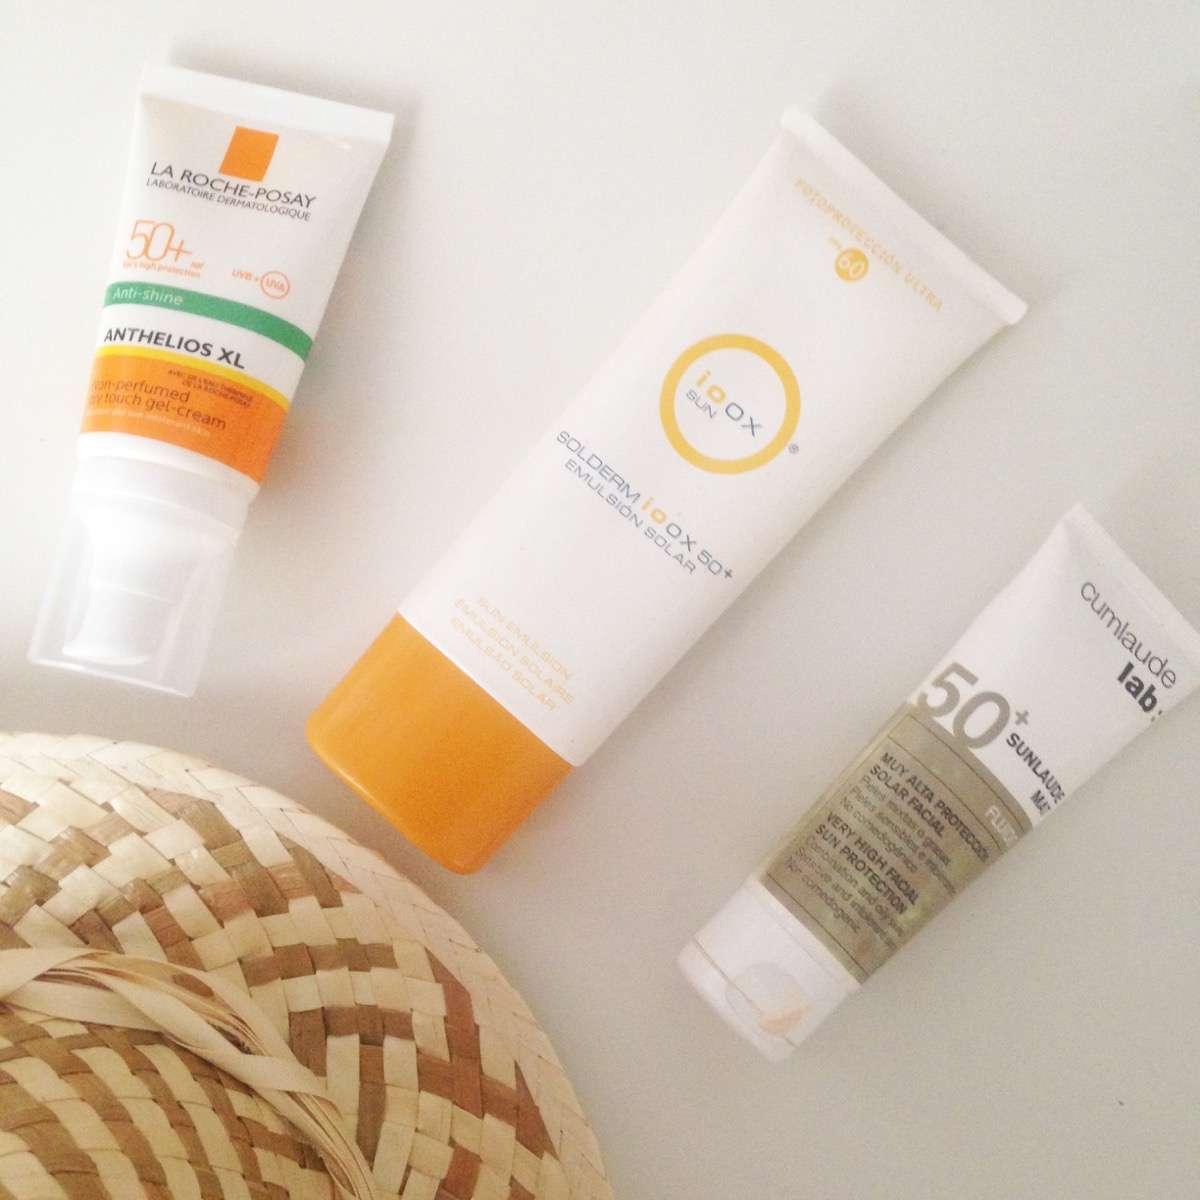 crema solar para el rostro - manchas en la piel